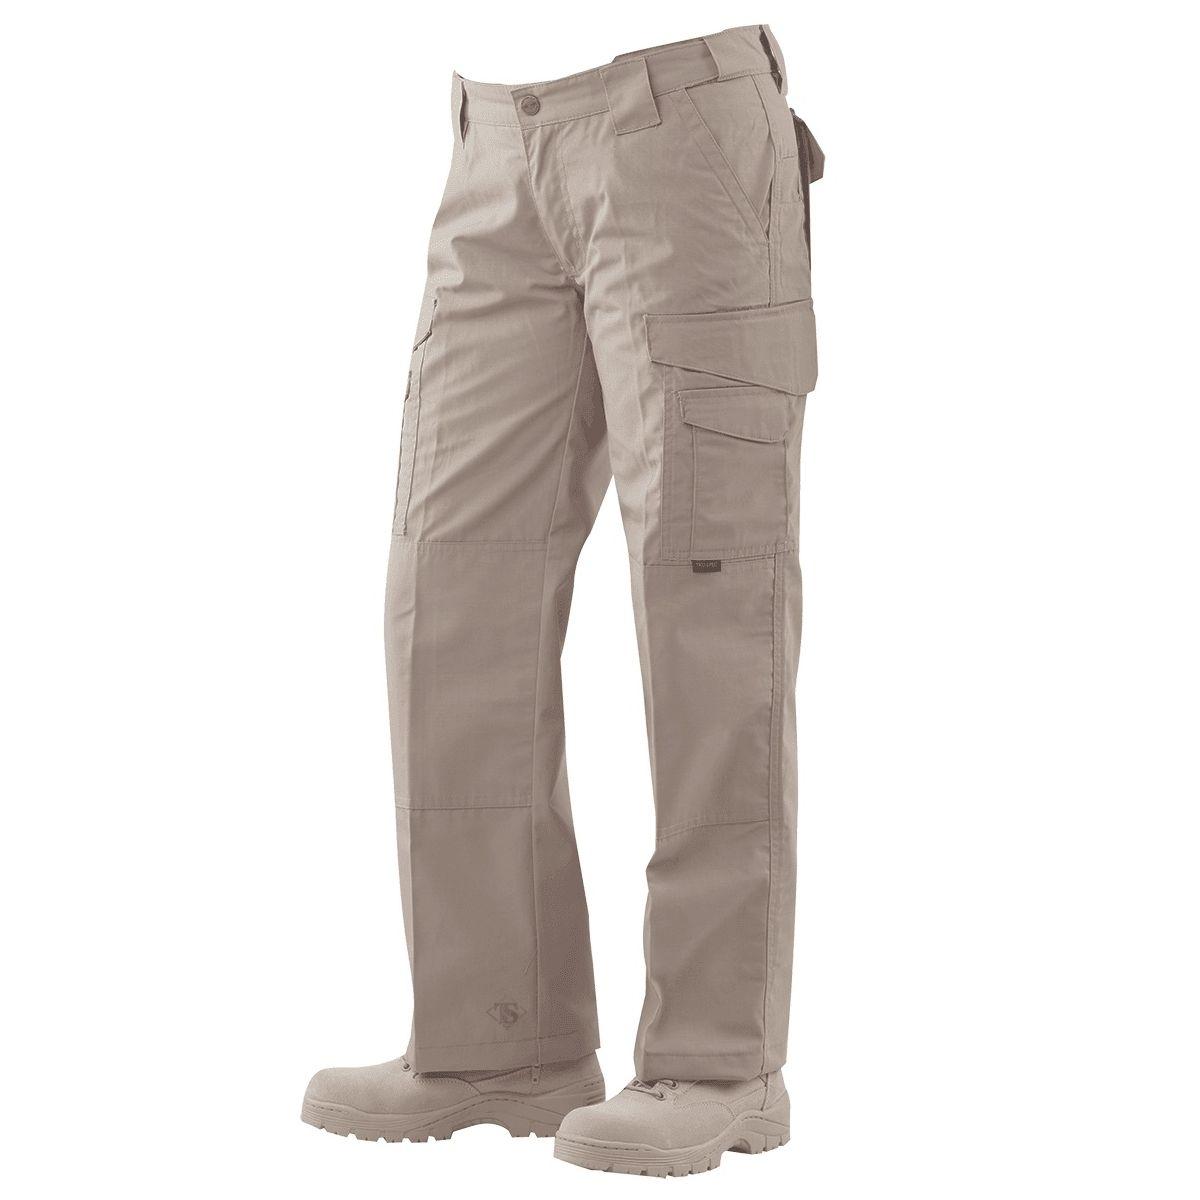 Kalhoty dámské 24-7 TACTICAL rip-stop KHAKI - zvìtšit obrázek